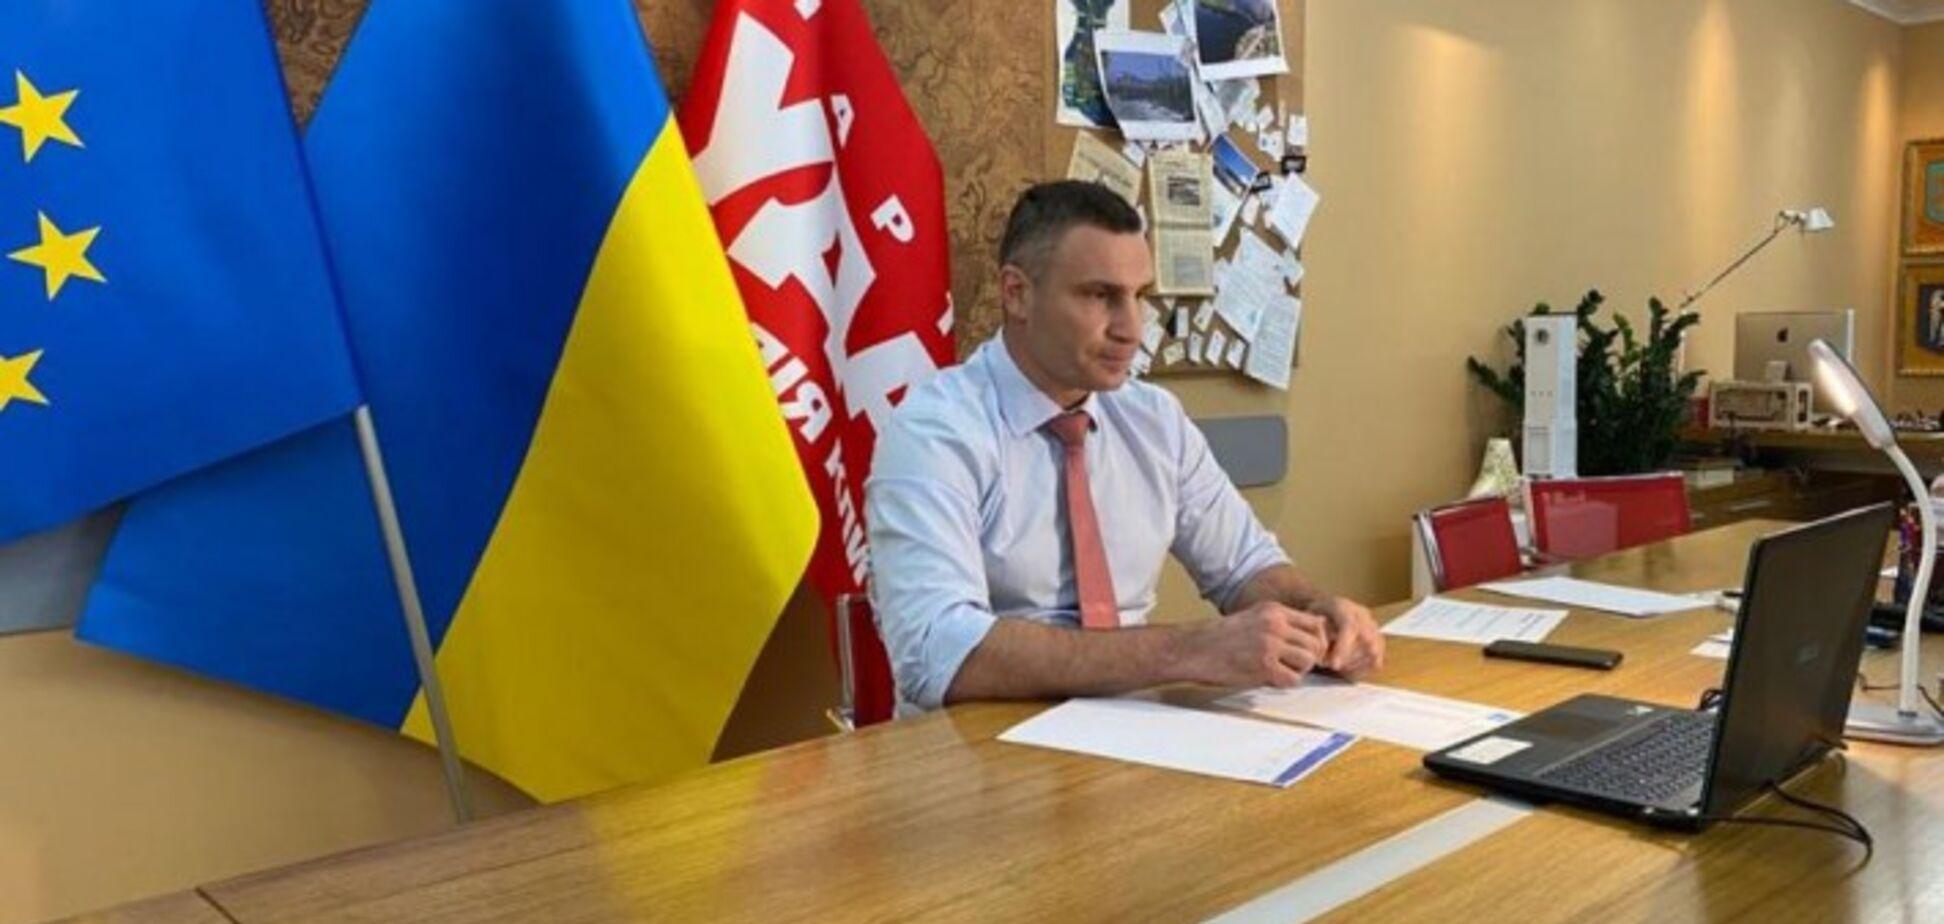 Кличко взяв участь у відеоконференції лідерів партій країн-членів Східного партнерства та ЄНП